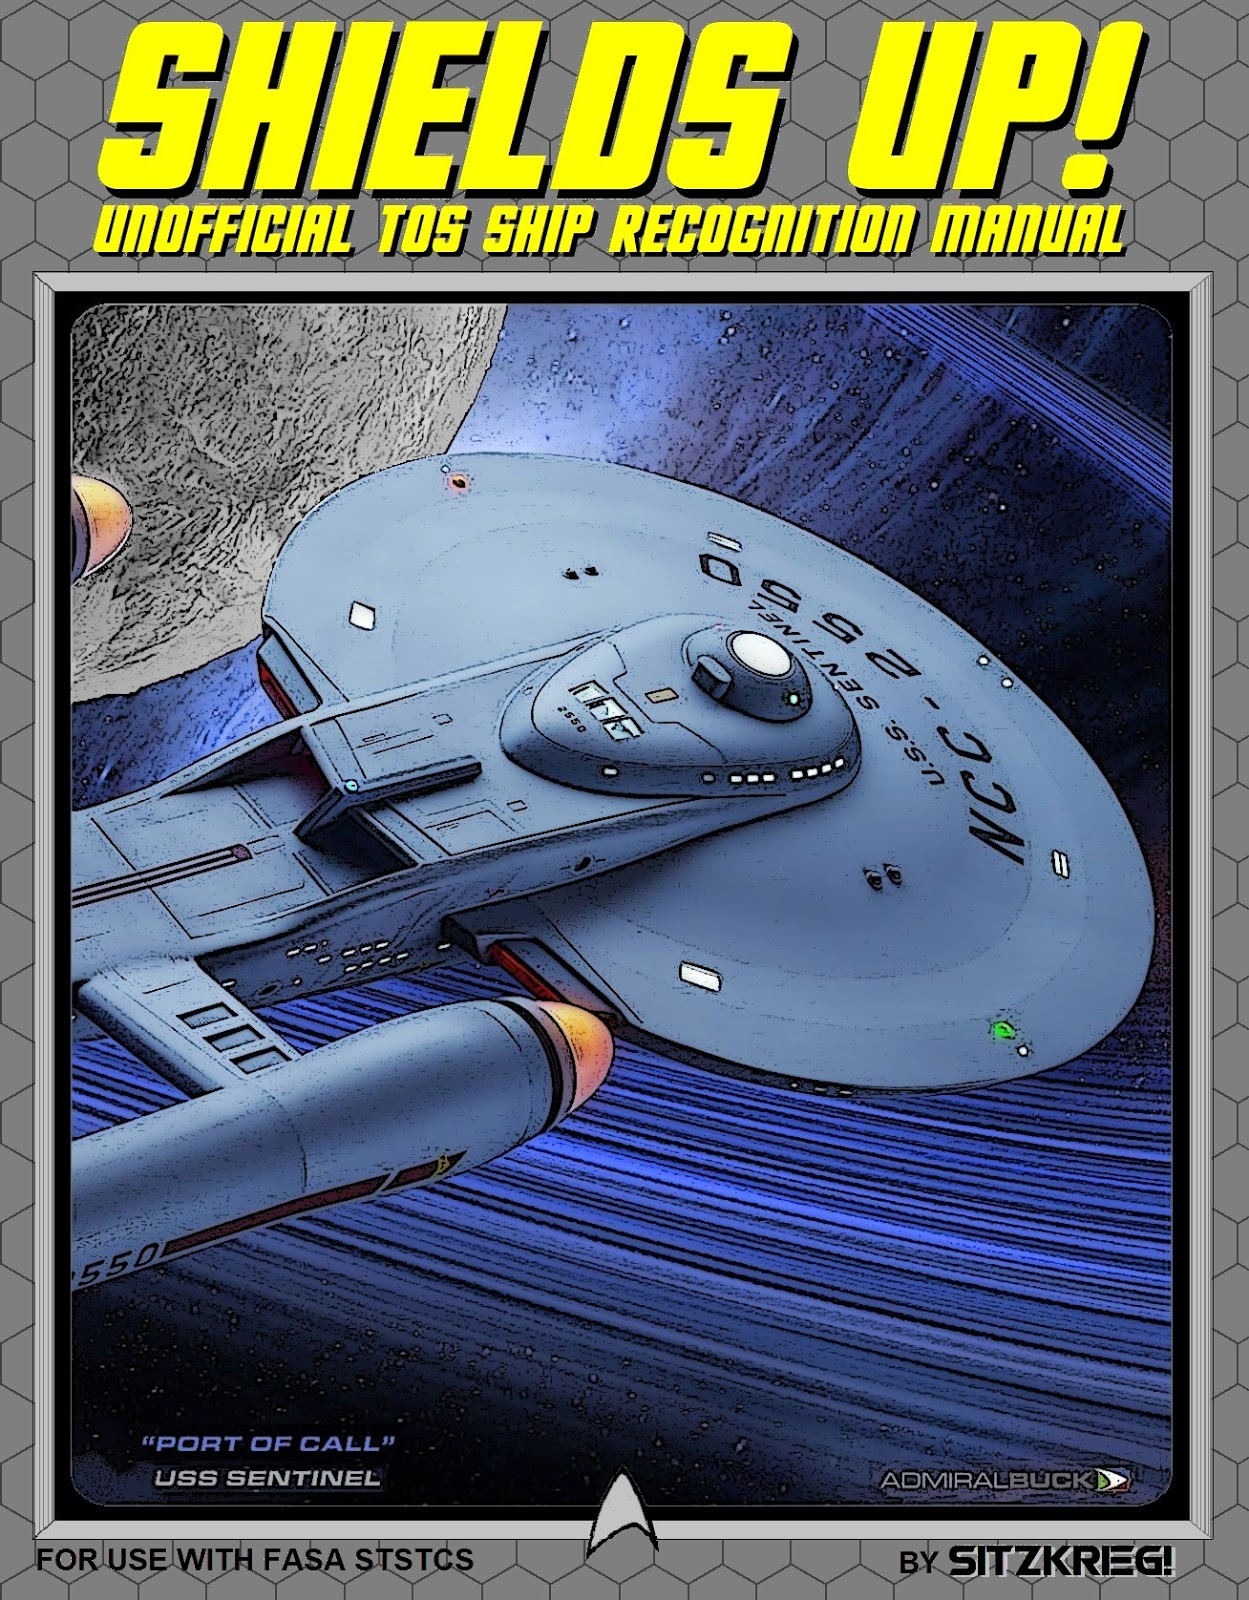 romulan ship recognition manual pdf